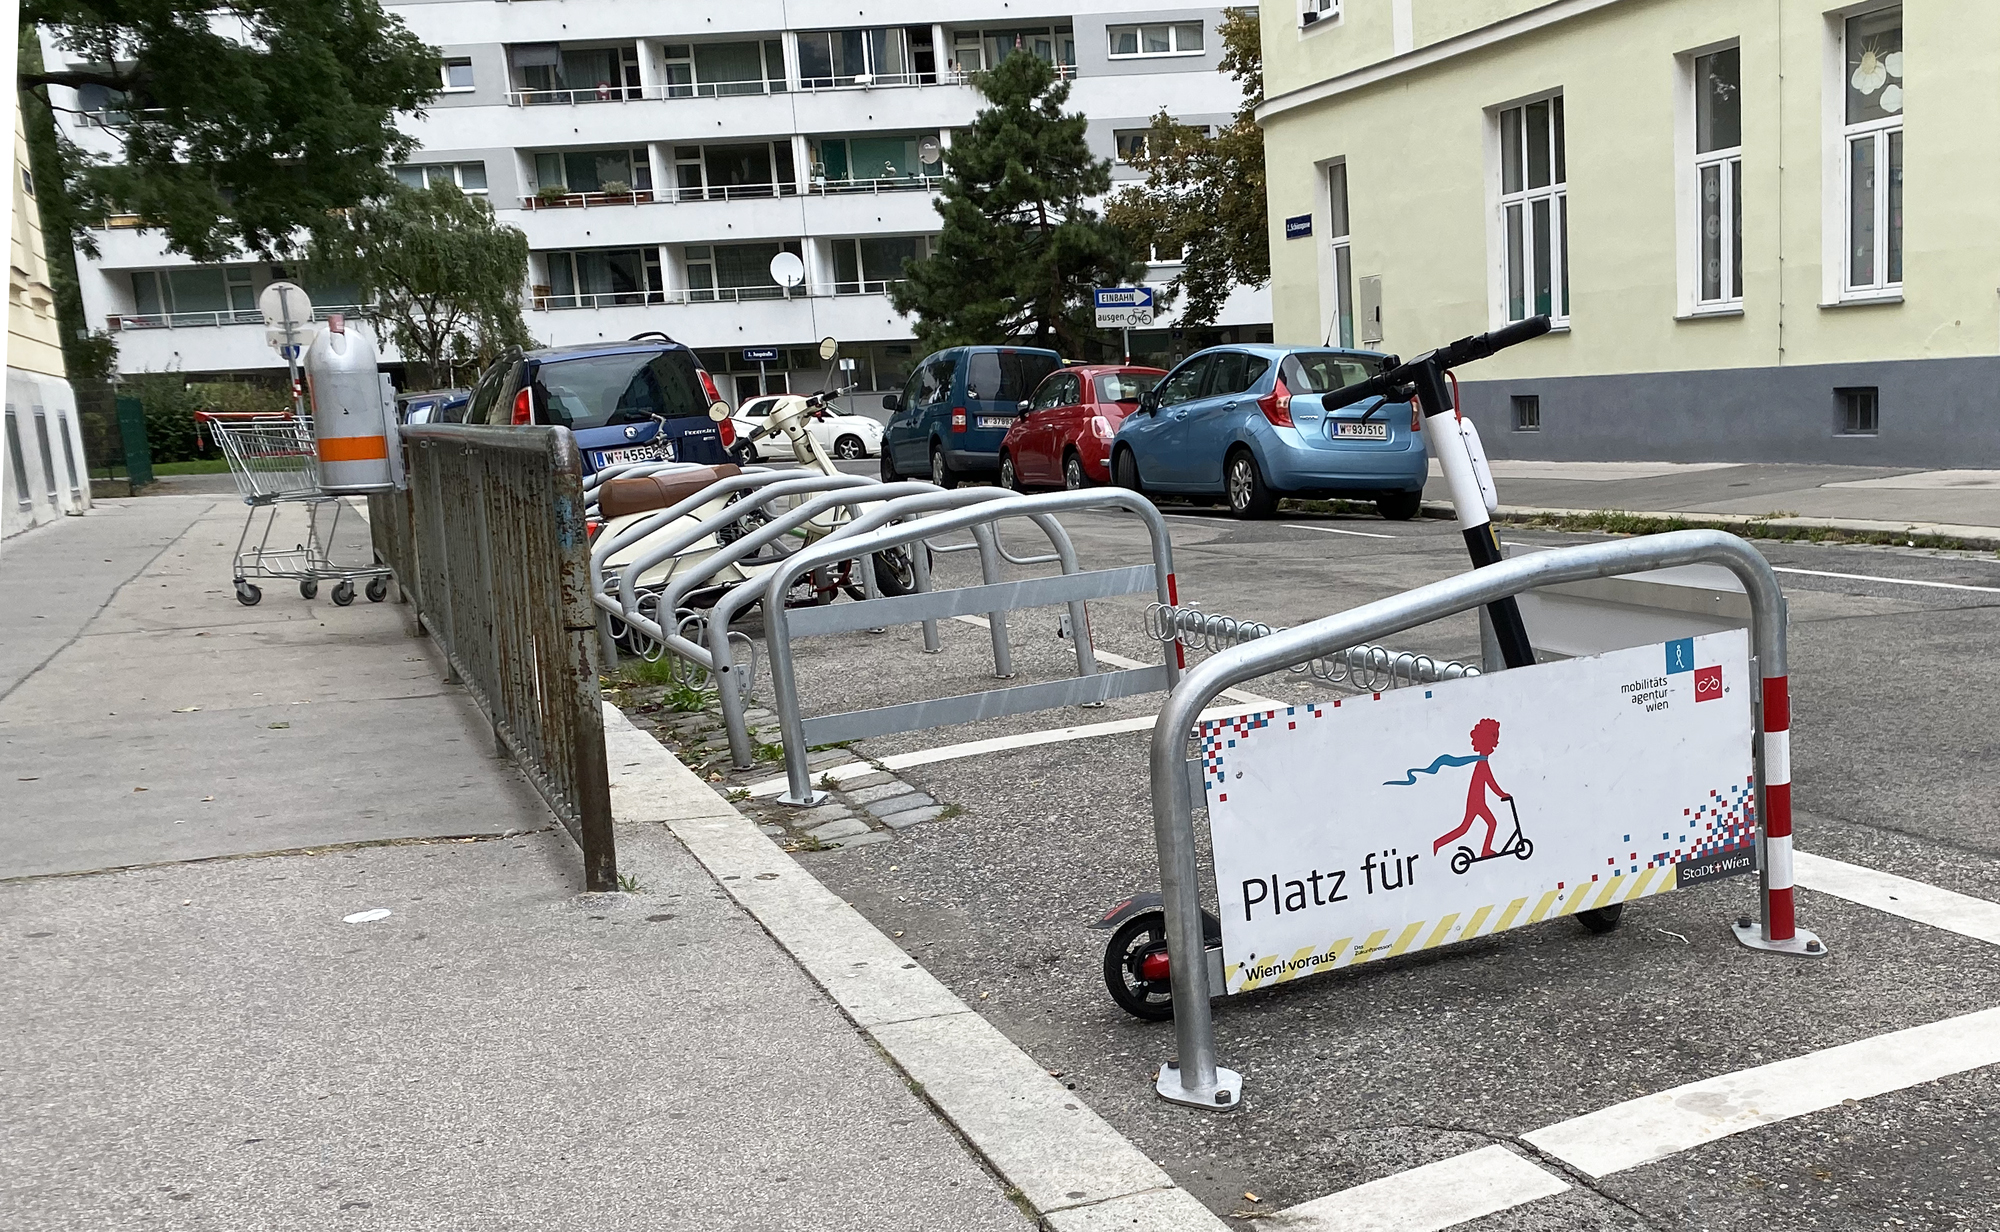 """E-Scooter vorbildlich in einem """"Platz für Scooter"""" geparkt"""